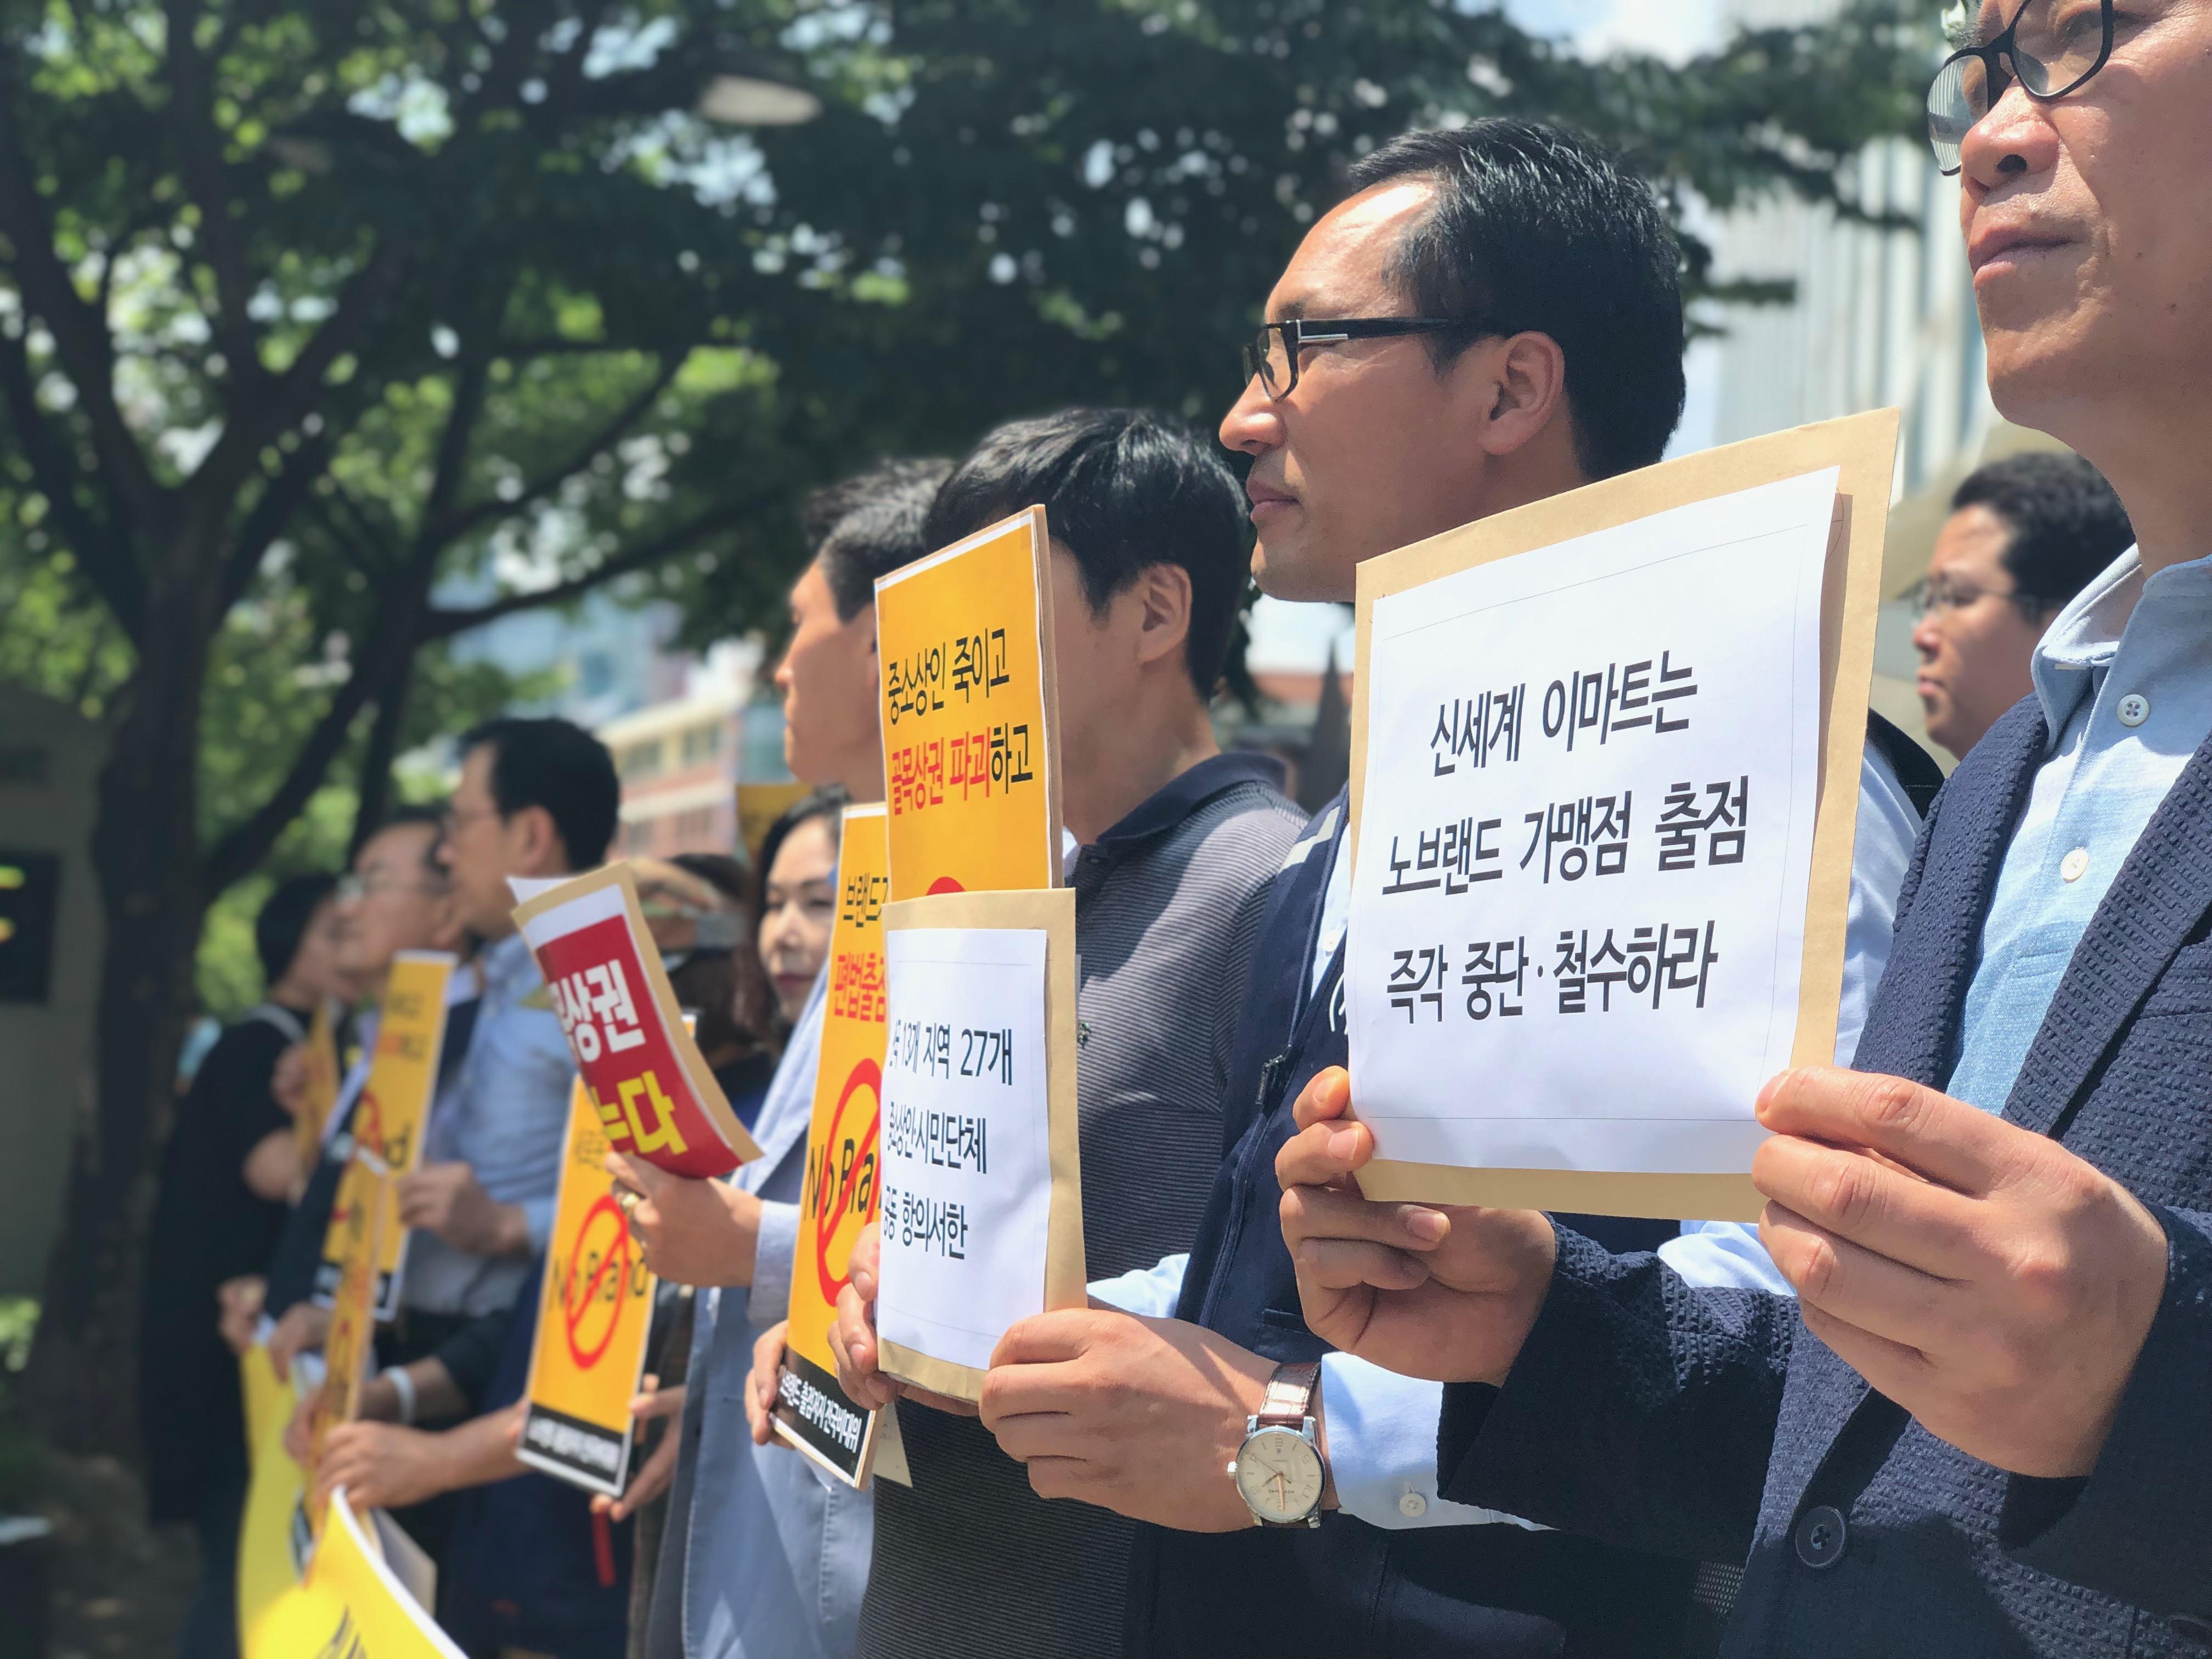 17일 서울 뚝섬 이마트 본사 앞에서 전국 13개 지역 27개 중소상인, 시민단체가 공동 기자회견을 열었다.